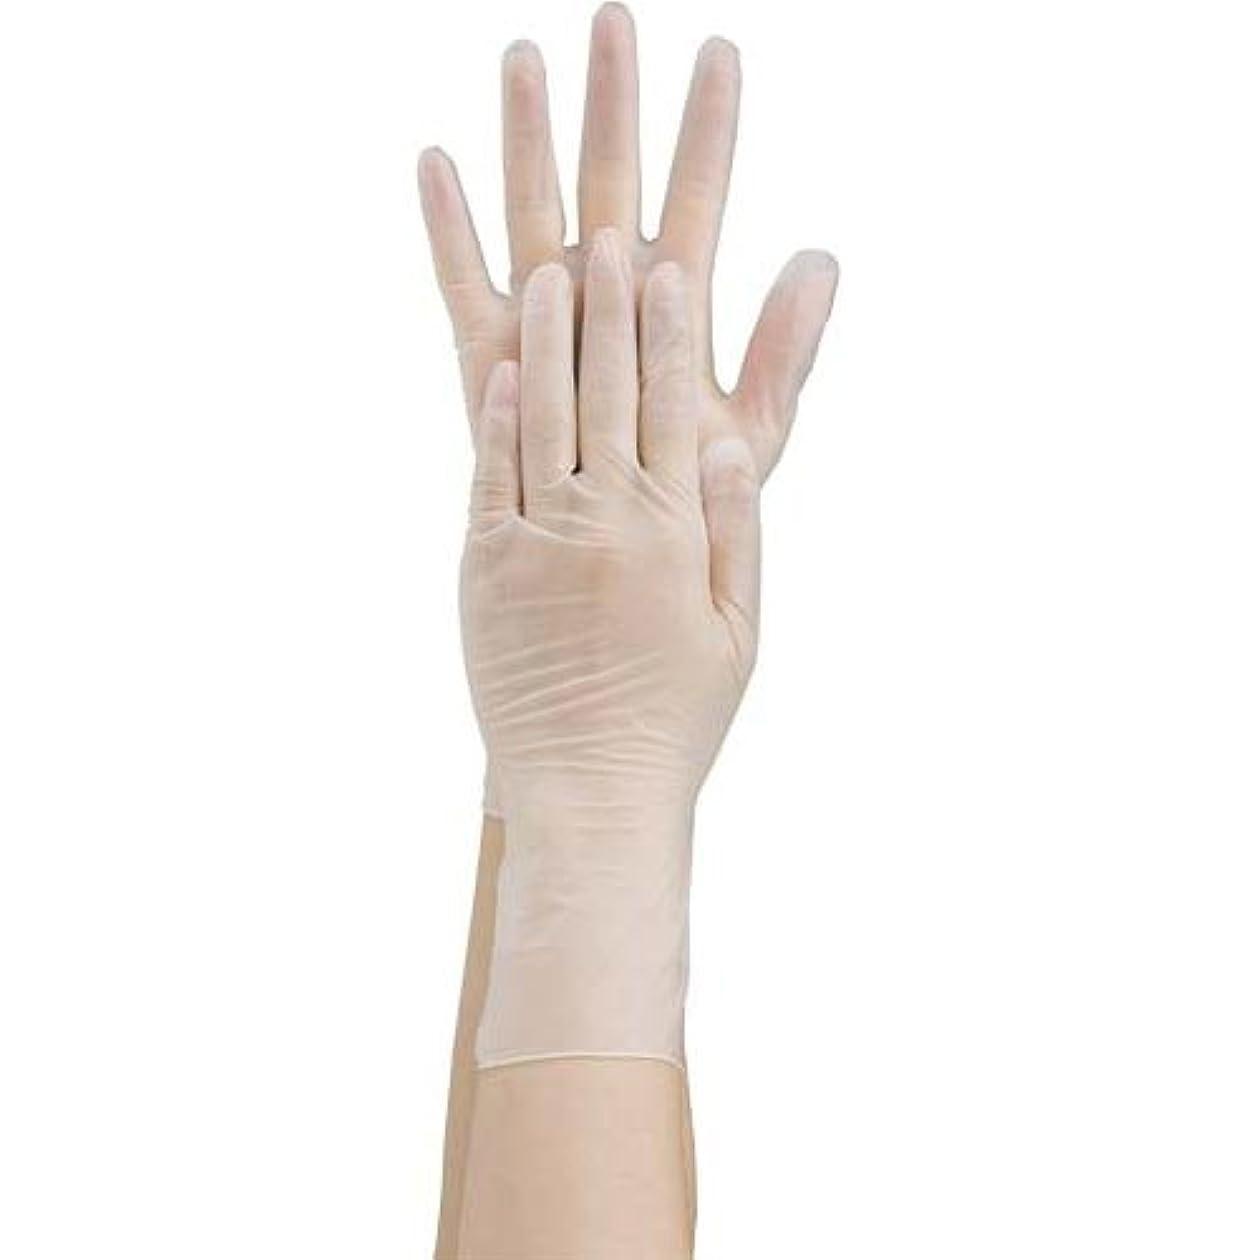 援助するにはまって関税共和 プラスチック手袋 粉無 No.2500 S 10箱